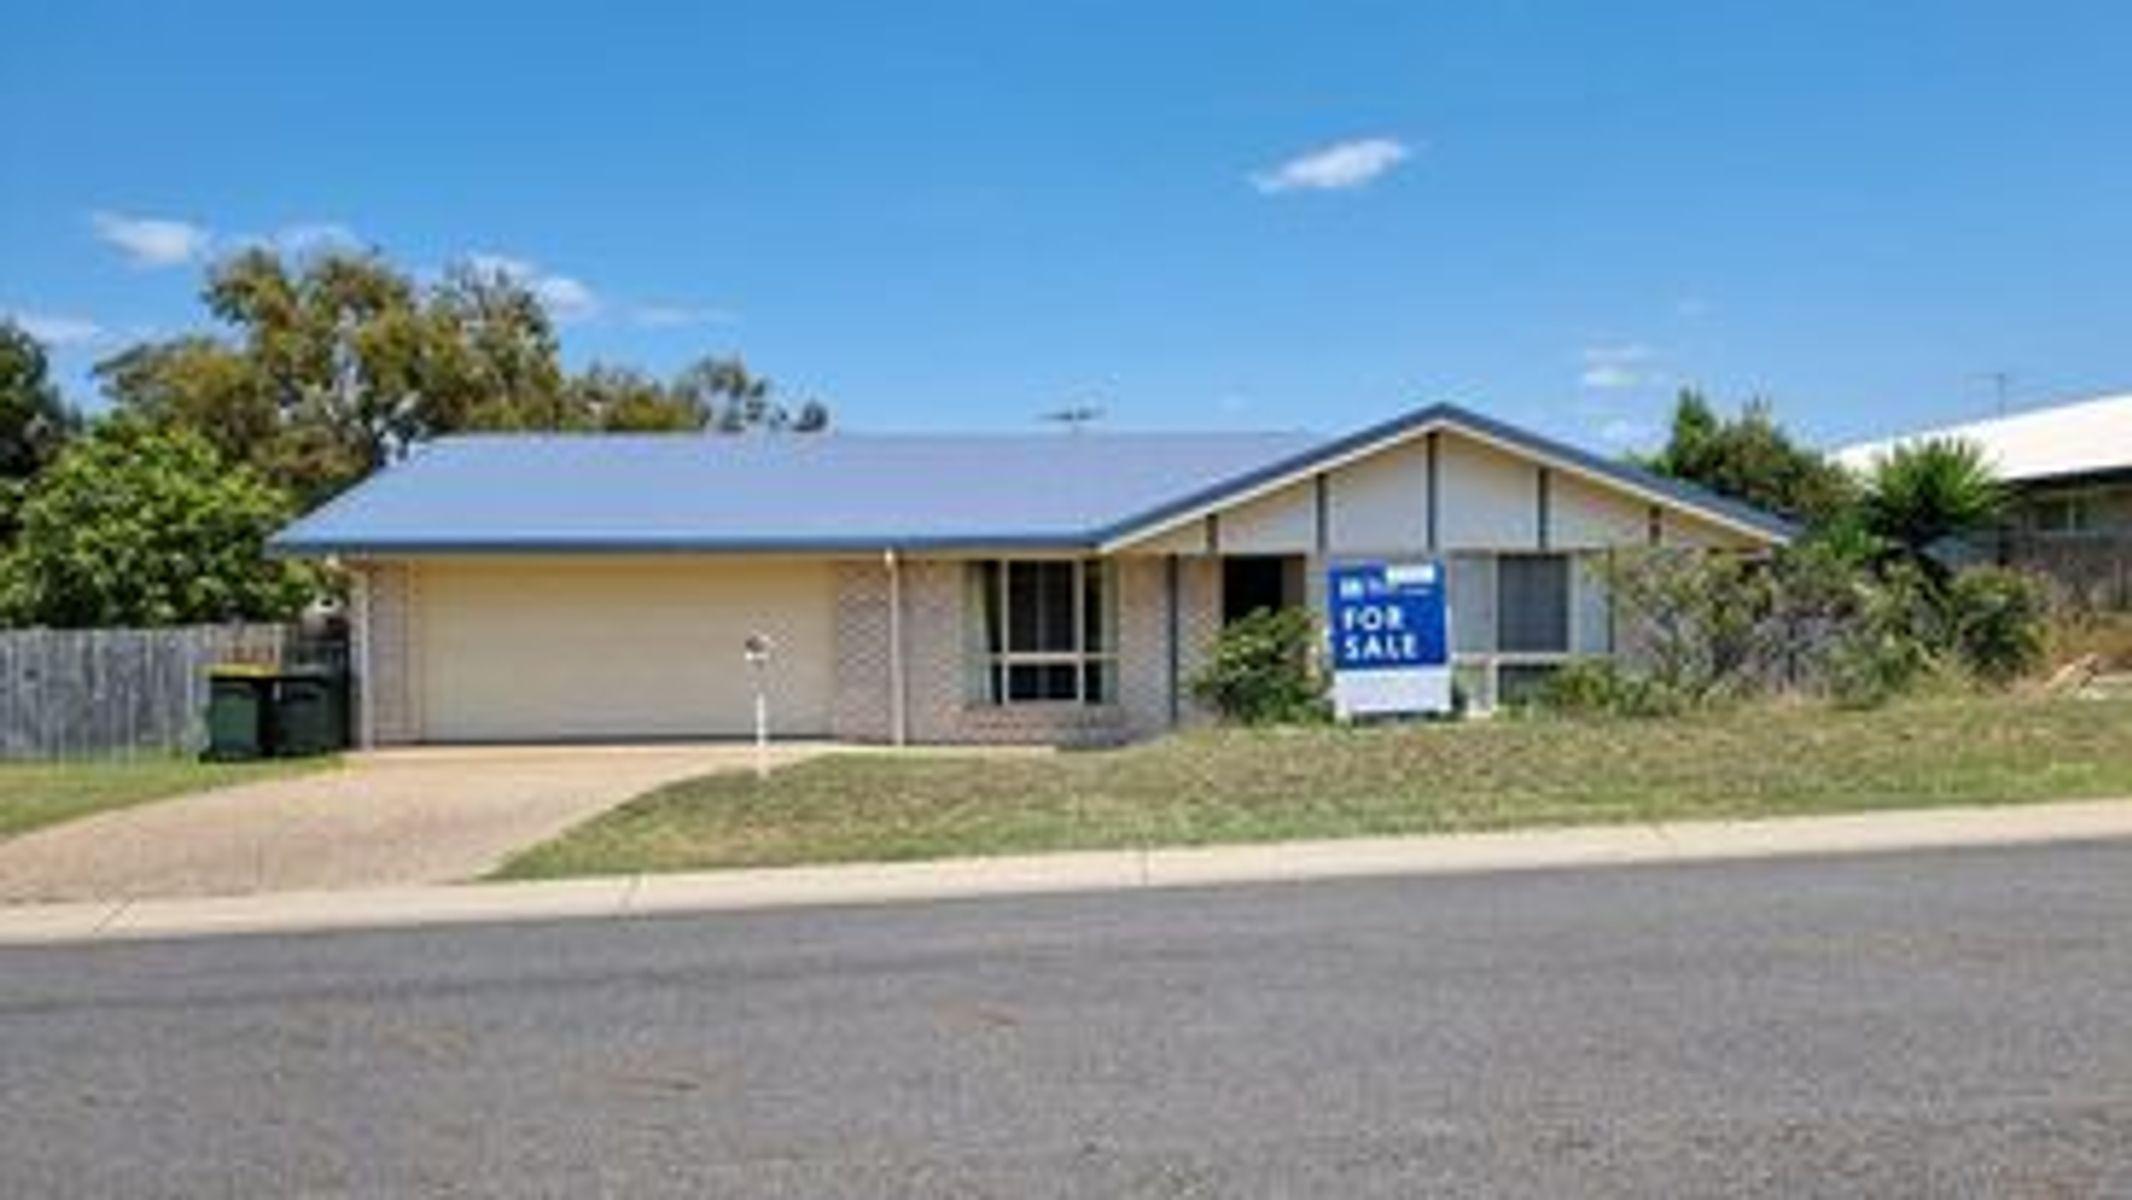 41 Pillich Street, Kawana, QLD 4701